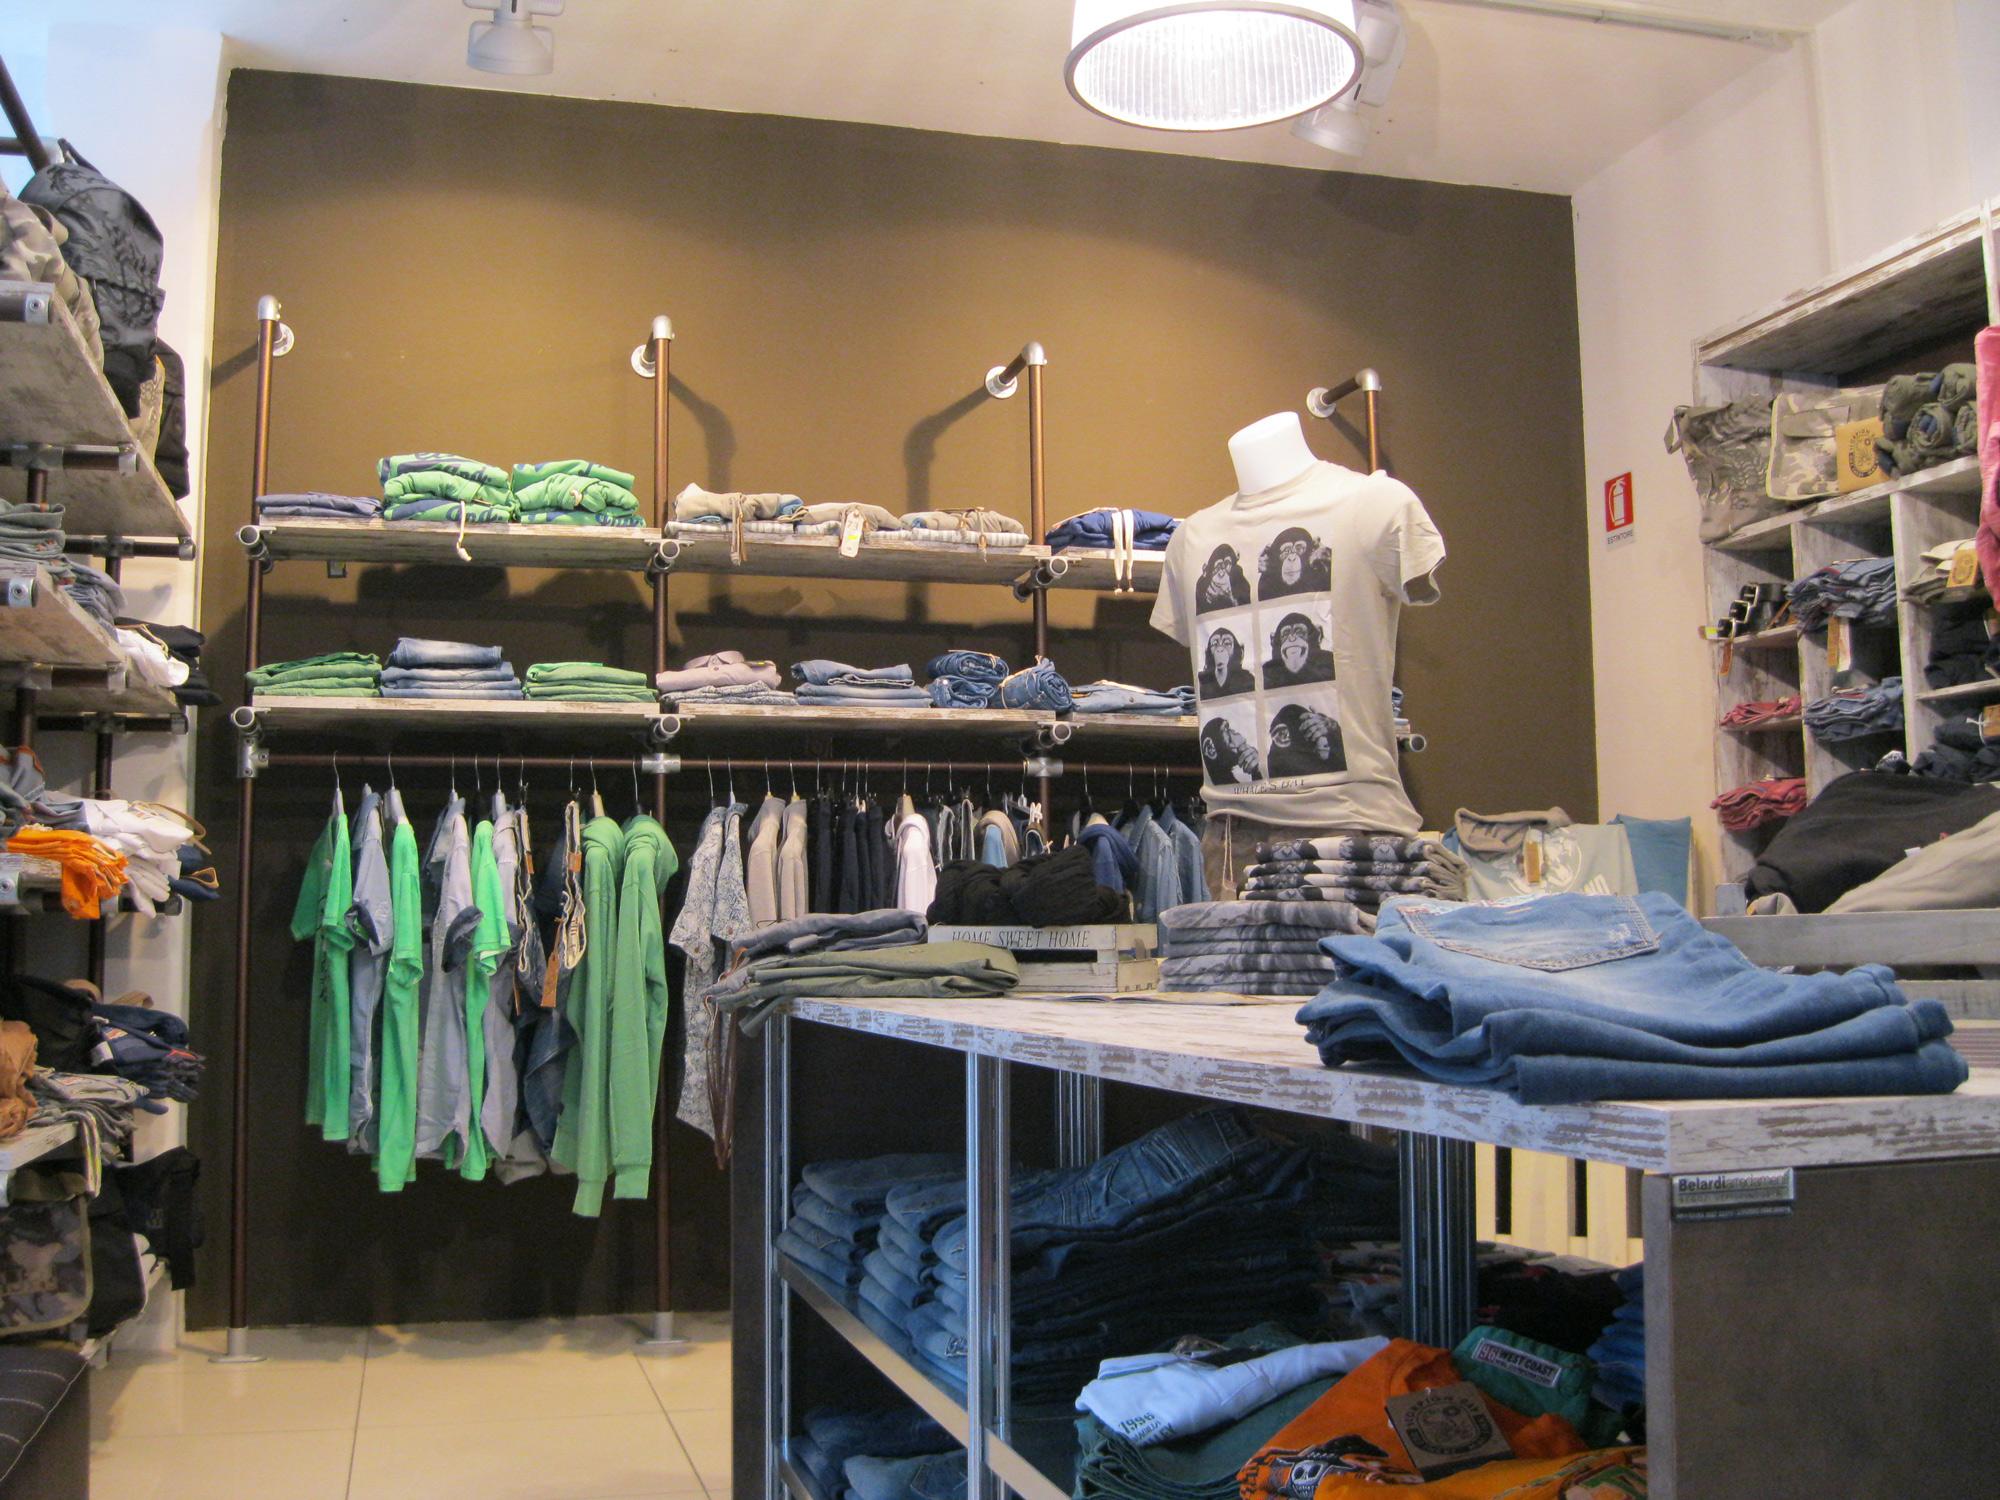 Arredamento per negozi di abbigliamento arredamento for Arredamento per negozi abbigliamento